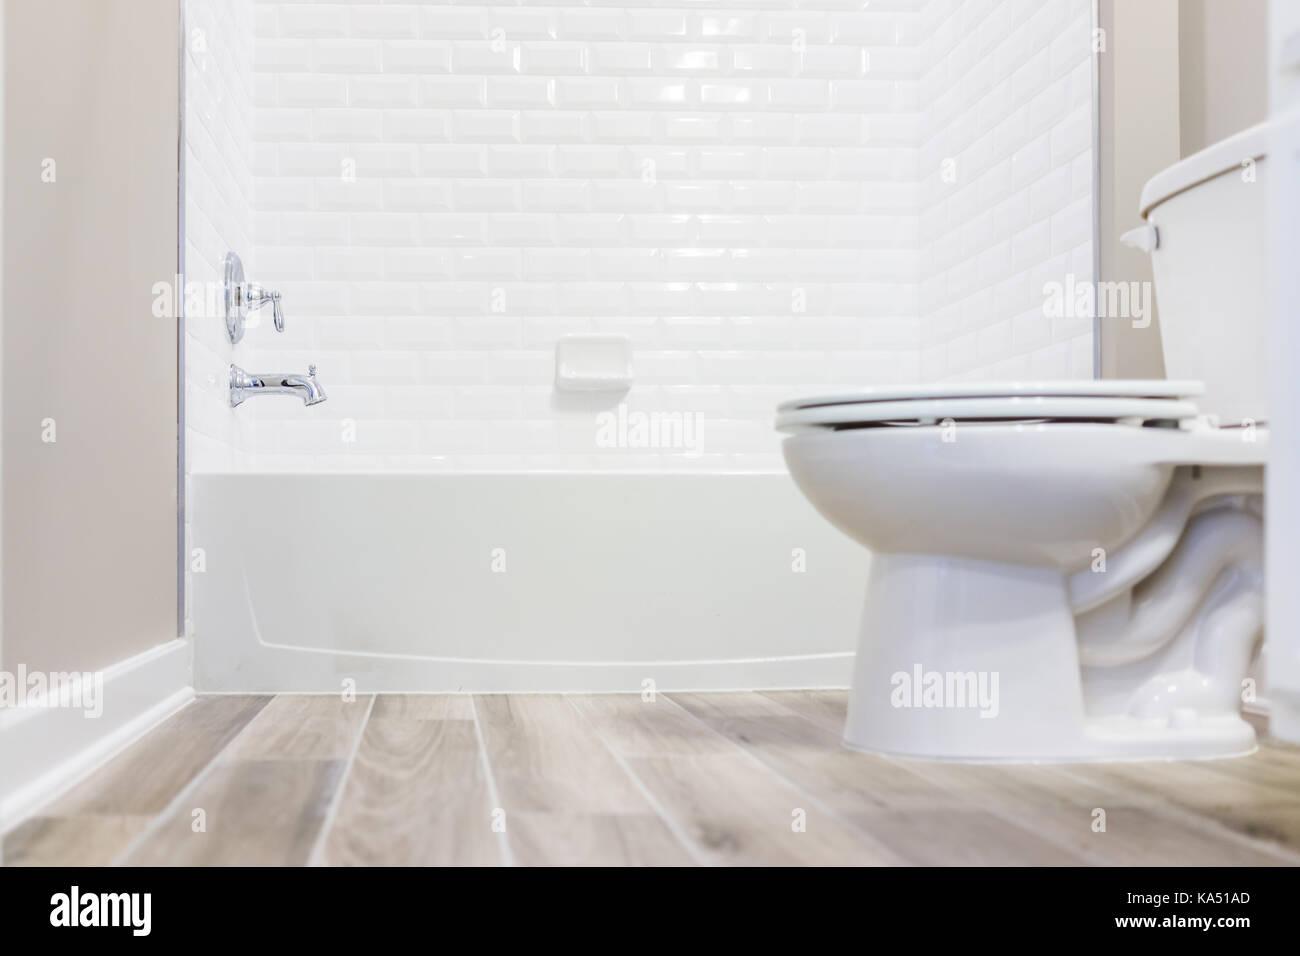 Colonne Murale Salle De Bain Cdiscount ~ plaine blanche moderne salle de bains avec douche toilettes propres